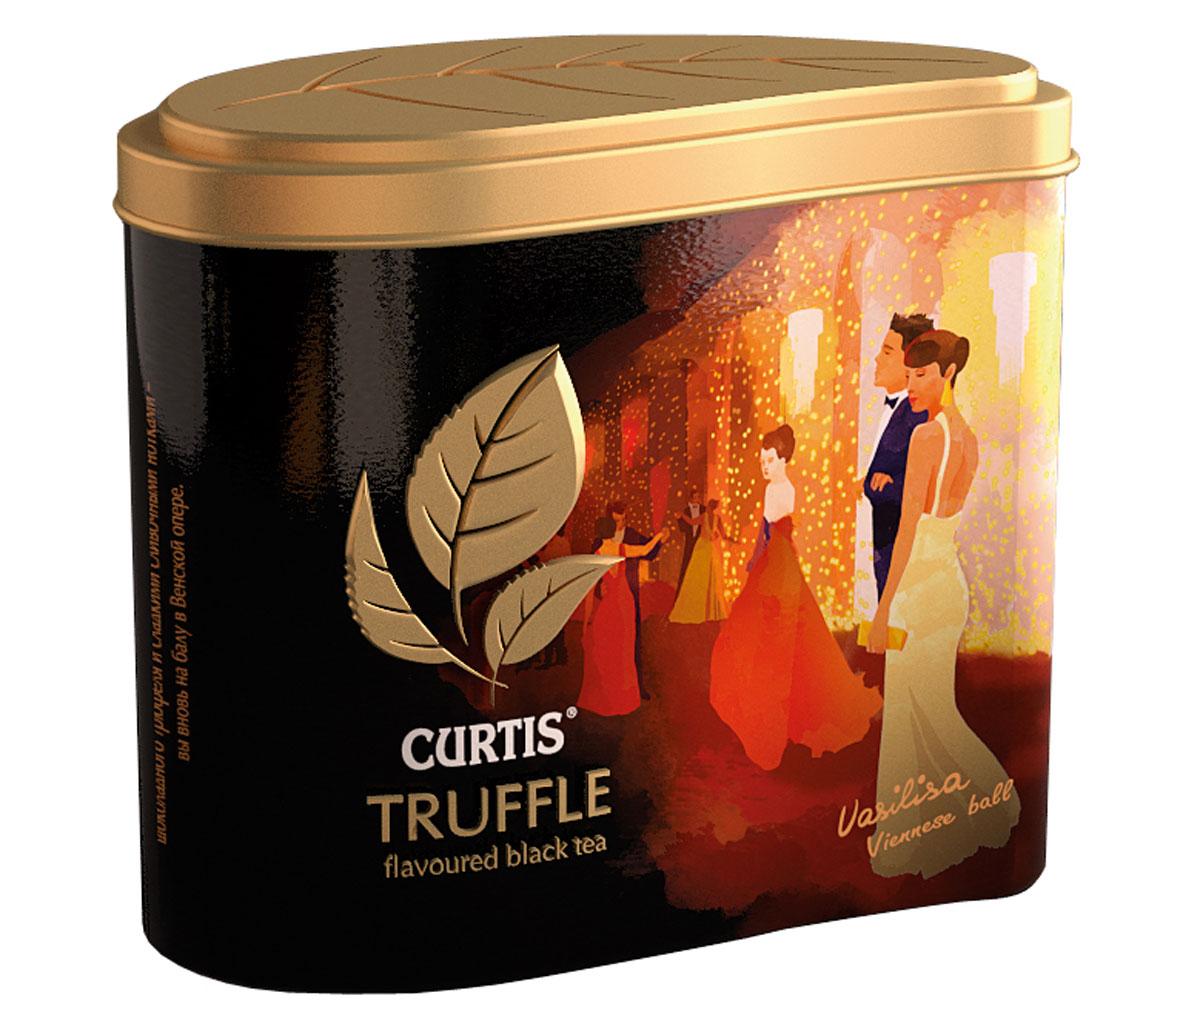 Curtis Truffle Black Tea черный листовой чай, 80 г512711Curtis Truffle Black Tea - это крупнолистовой цейлонский черный чай со вкусом трюфеля. Шоколадный бархатный вкус черного чая с тонкой сливочной нотой и зернами какао погрузит в сладкие мечты. Окунитесь в мир соблазна с чаем Curtis Truffle Black Tea.